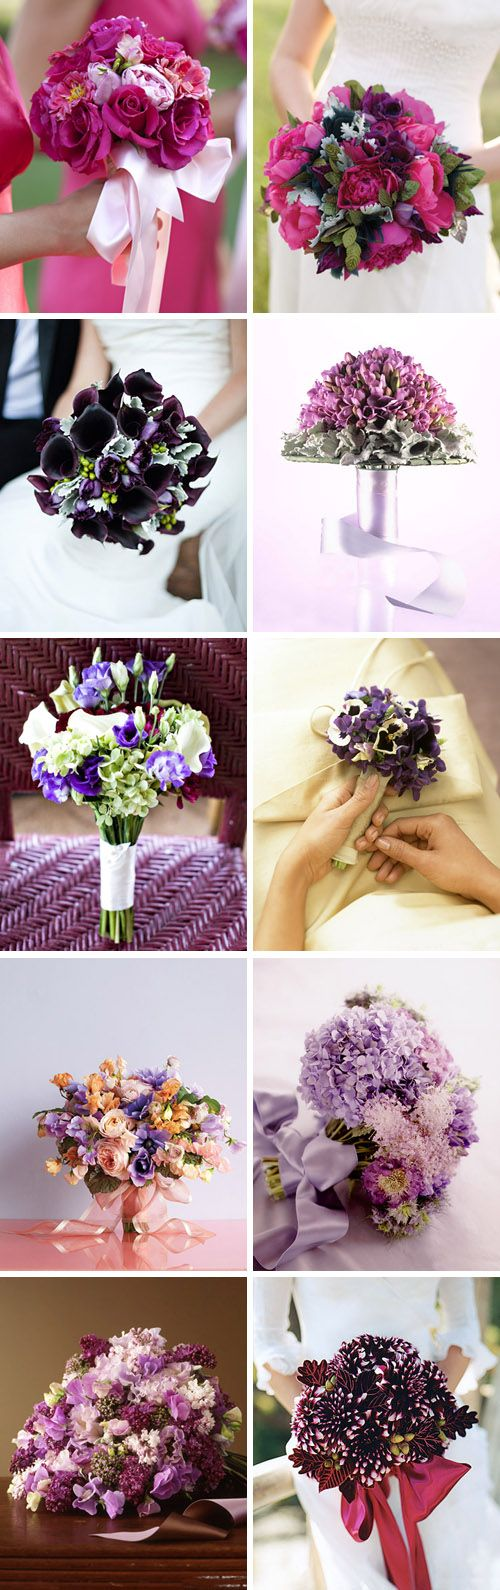 Esküvői virágok - továbbra is lila